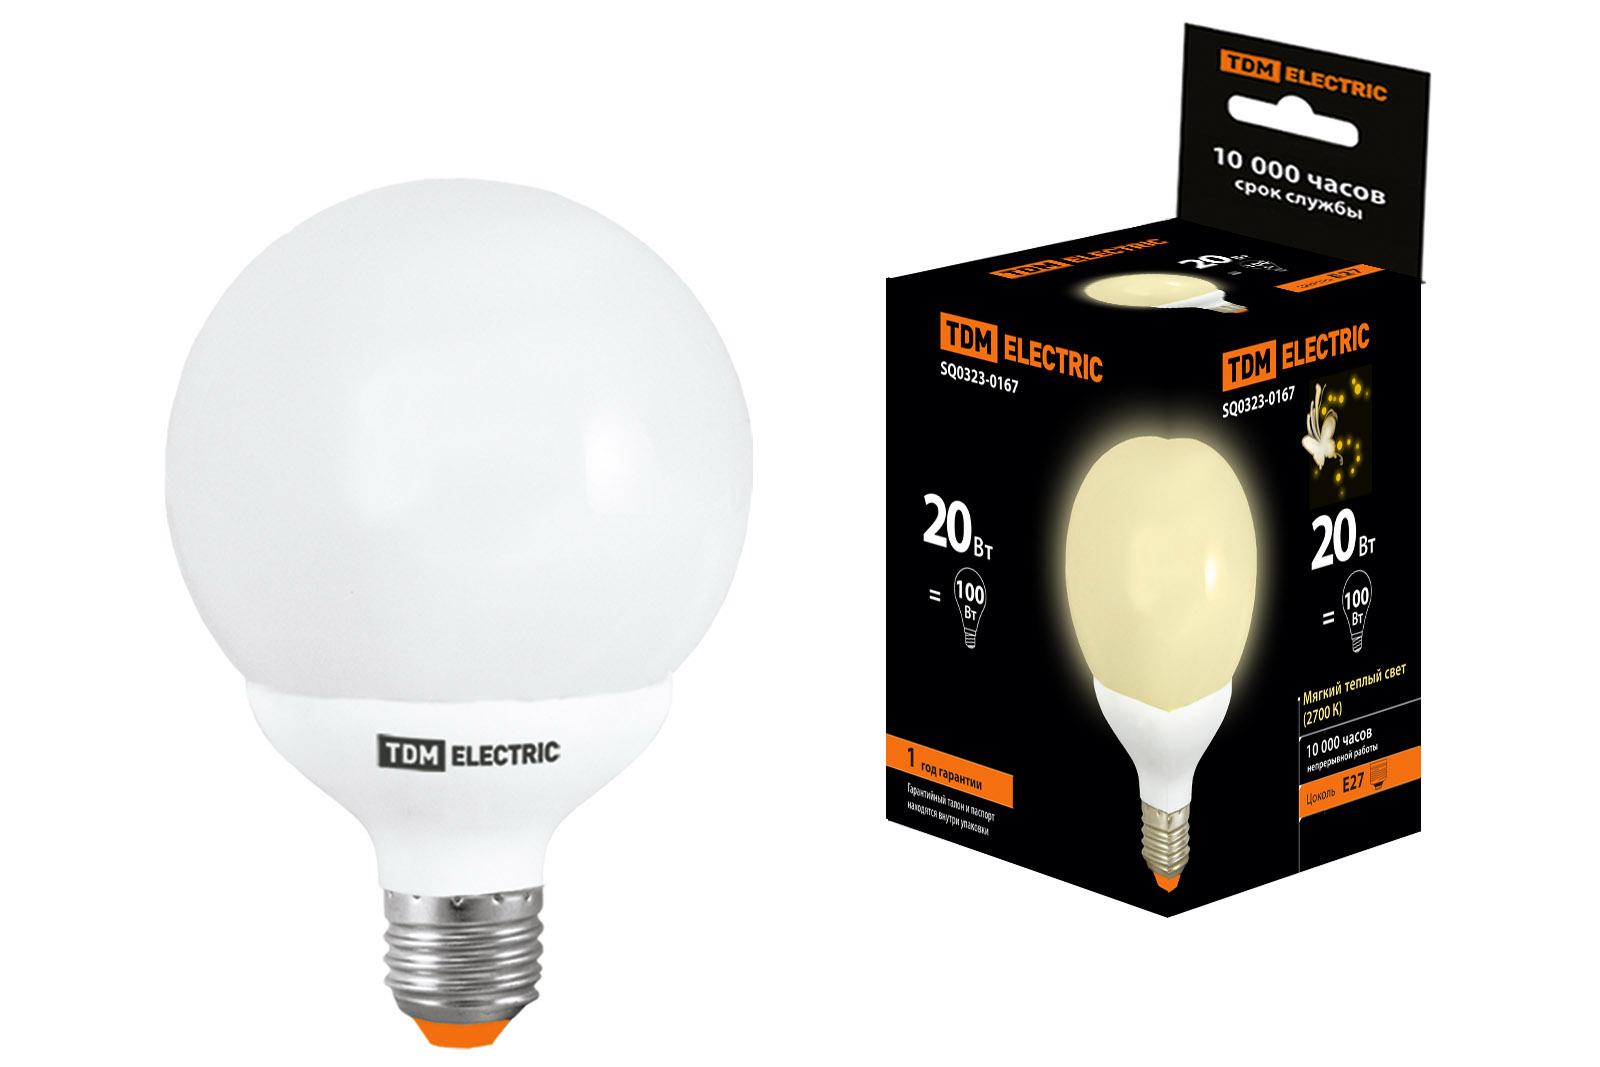 Лампа энергосберегающая Tdm Sq0323-0167